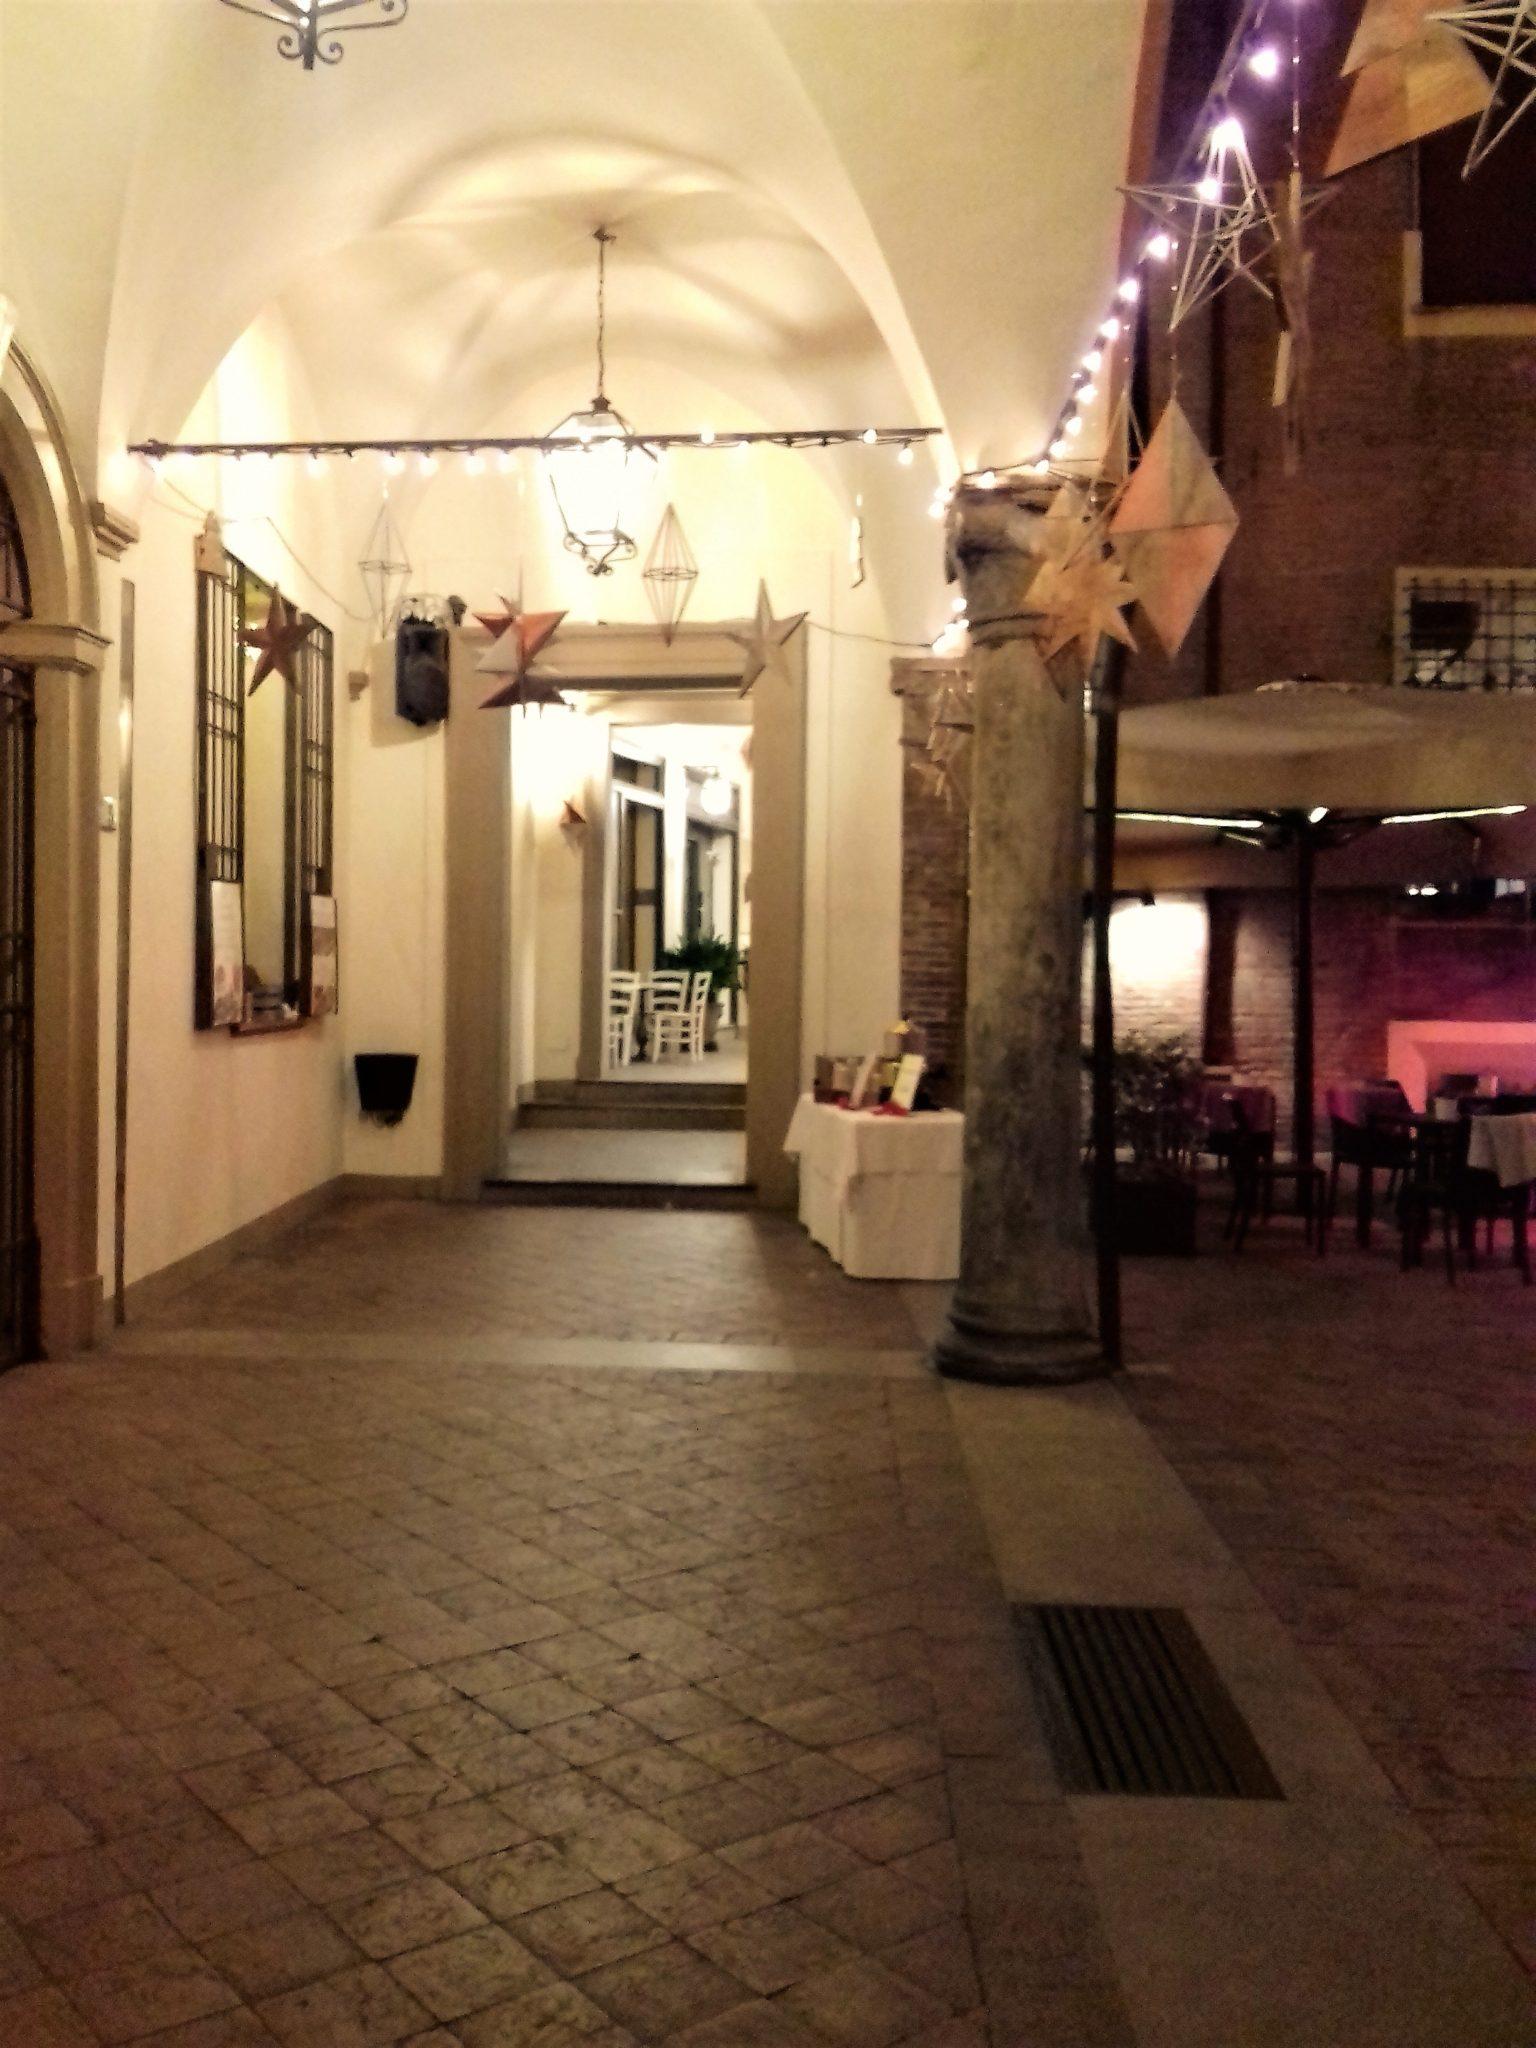 Corte isolani a bologna un cammino nella storia for Porticati vecchio stile